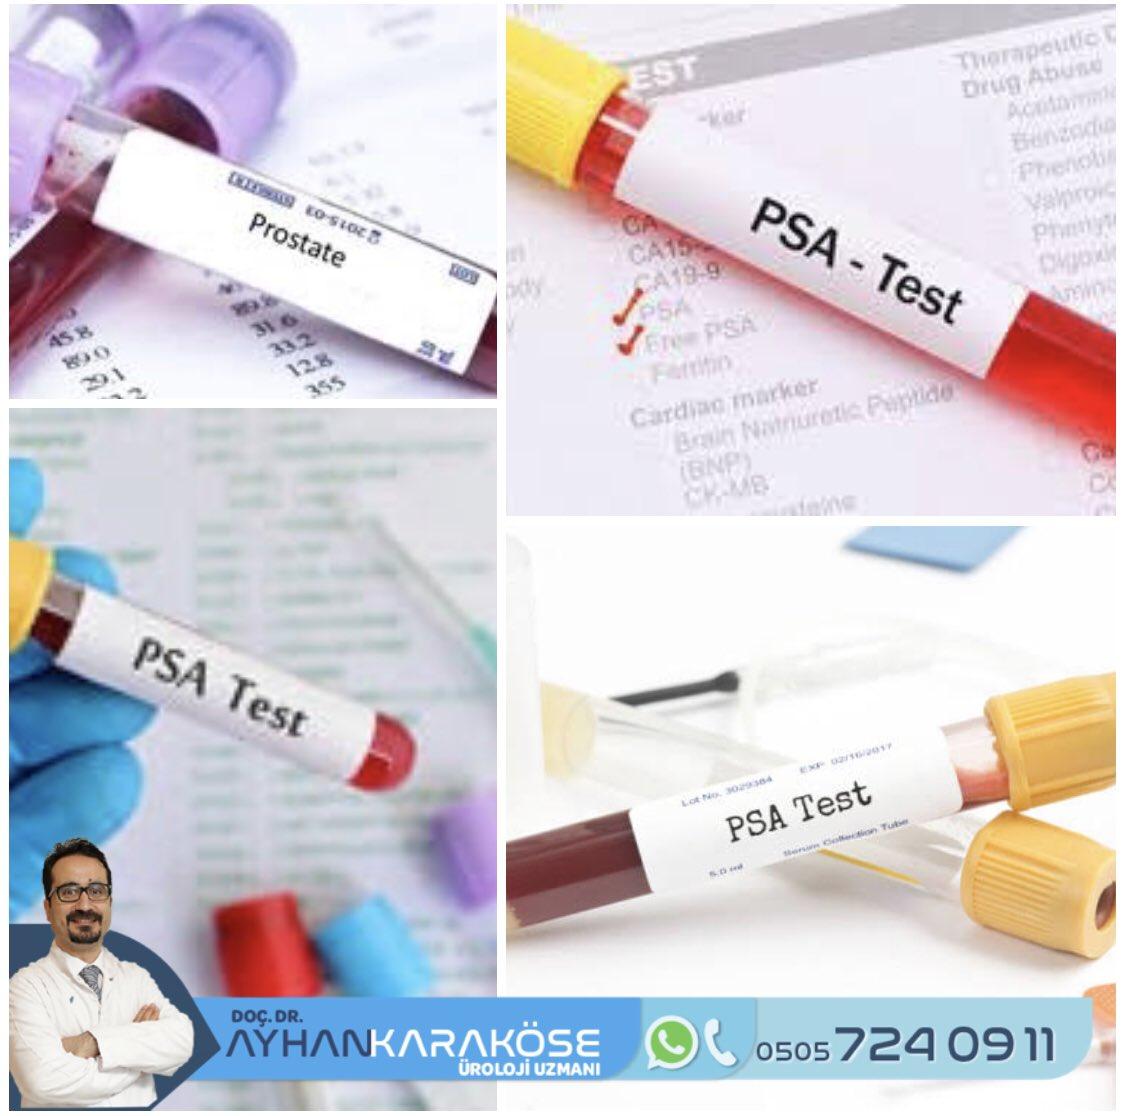 Elli yaşından sonra düzenli PSA kontrolü çok önemli. İhmal edilmemeli.  #prostat #prostatkanseri #psapic.twitter.com/oIR67BsUeq